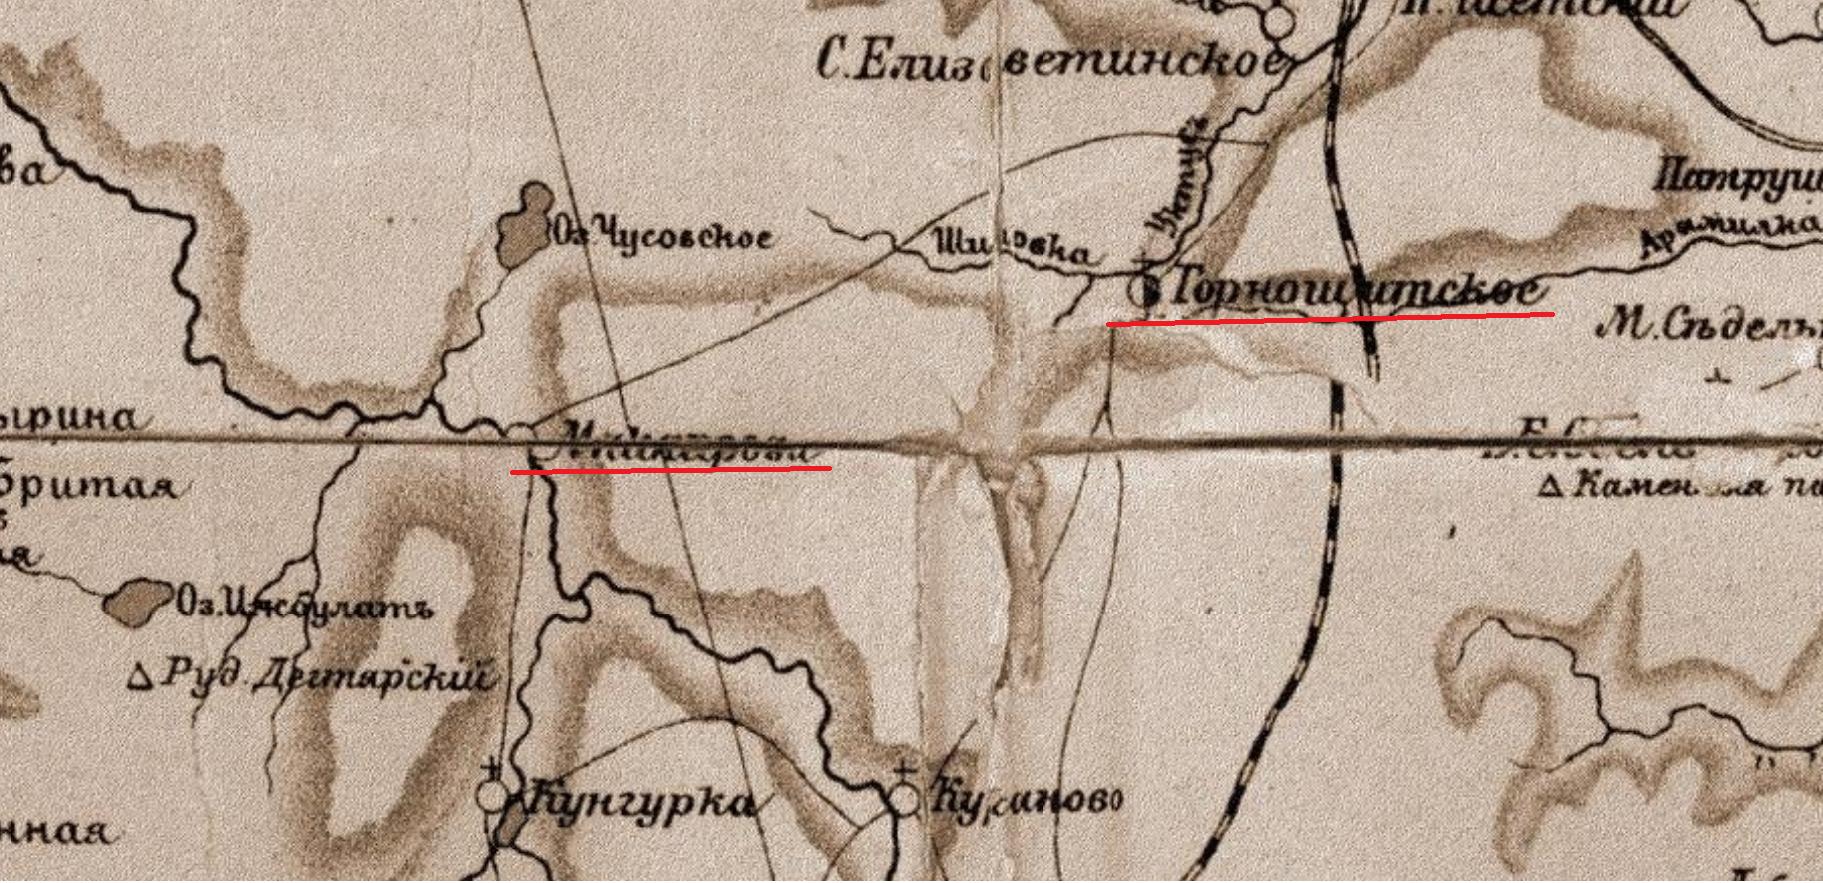 Горнощитская волость